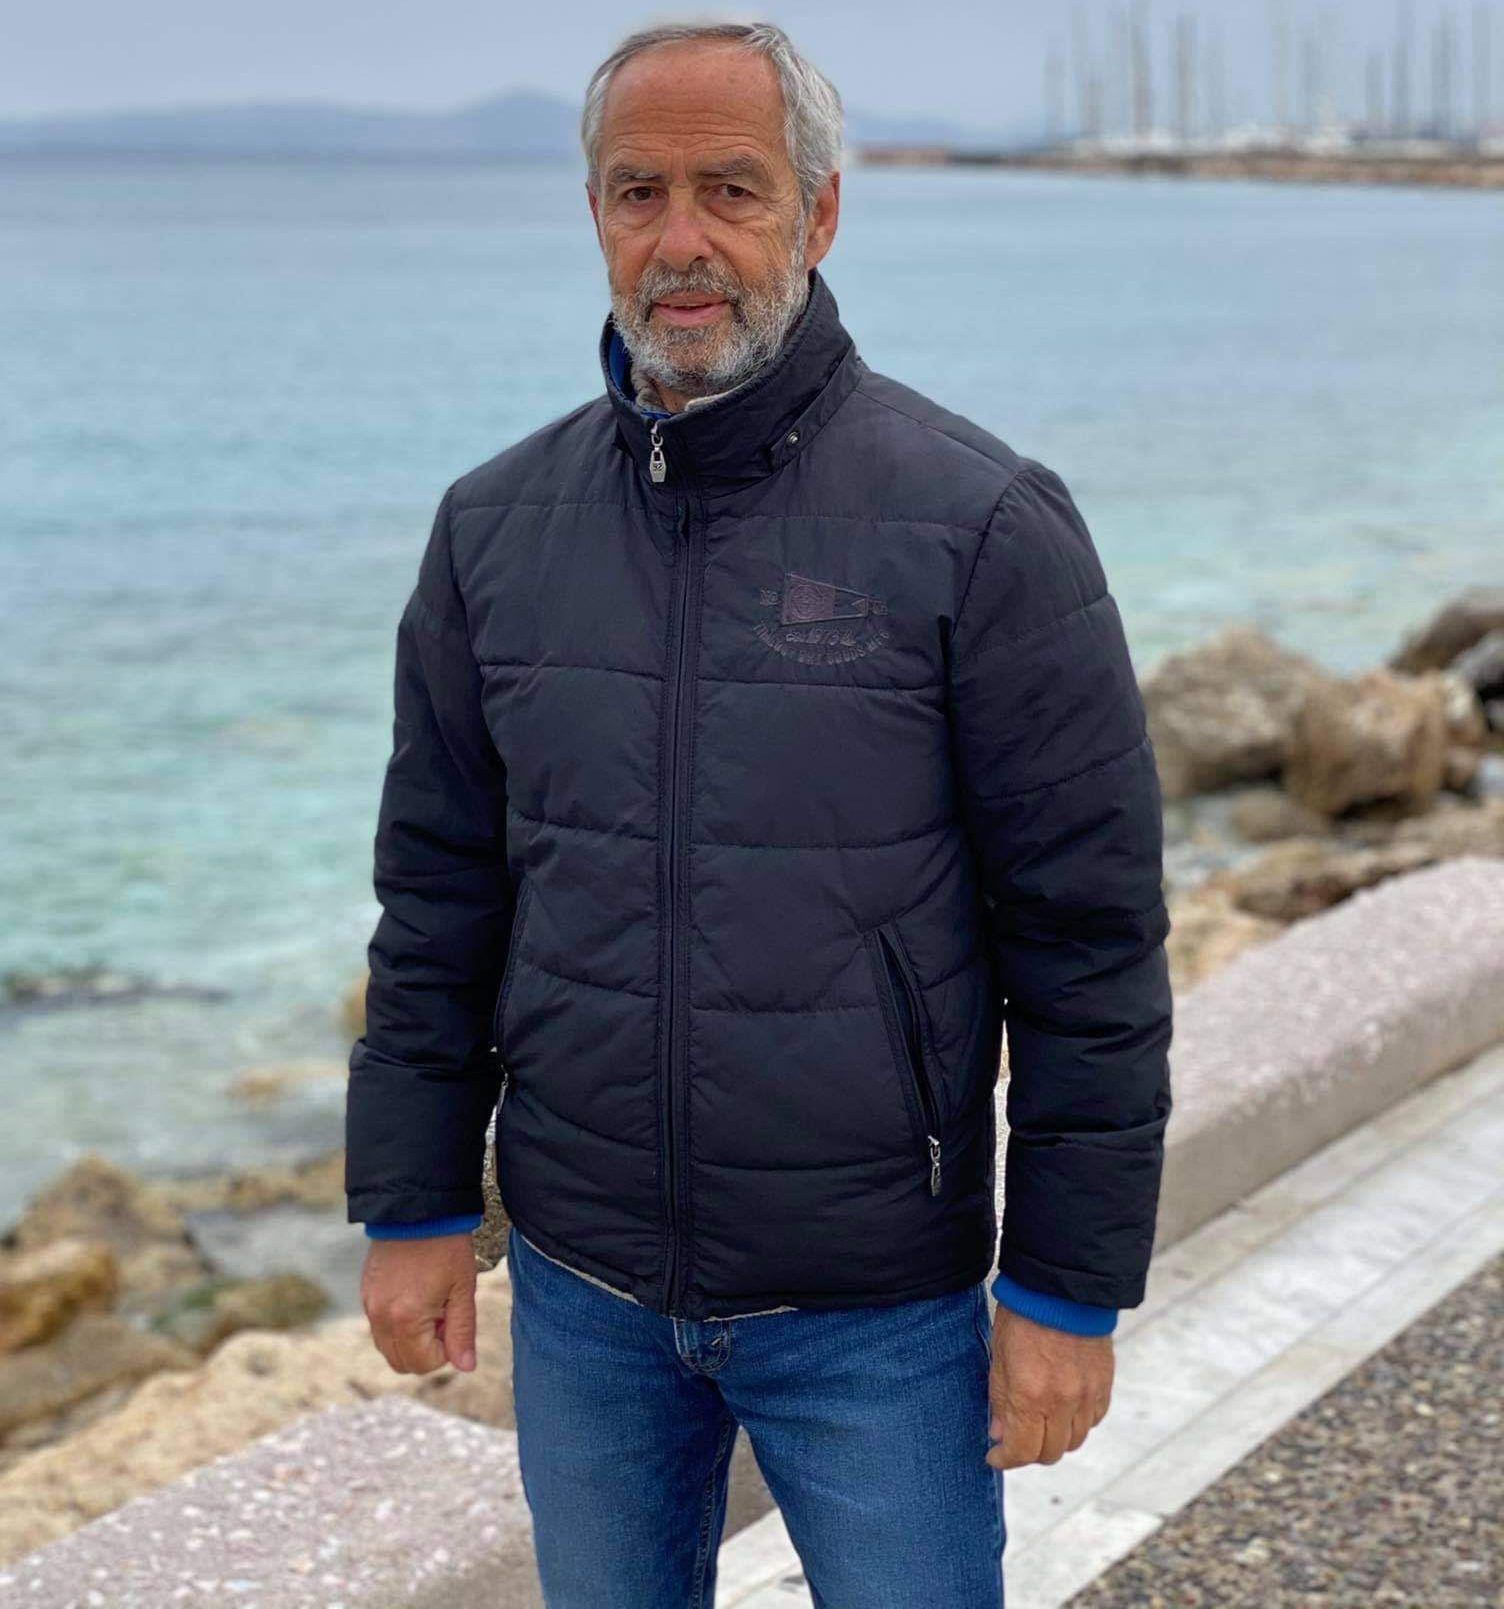 Στράτος Σεφτελής: ο Αλιμιώτης αθλητικογράφος που έγραψε ιστορία